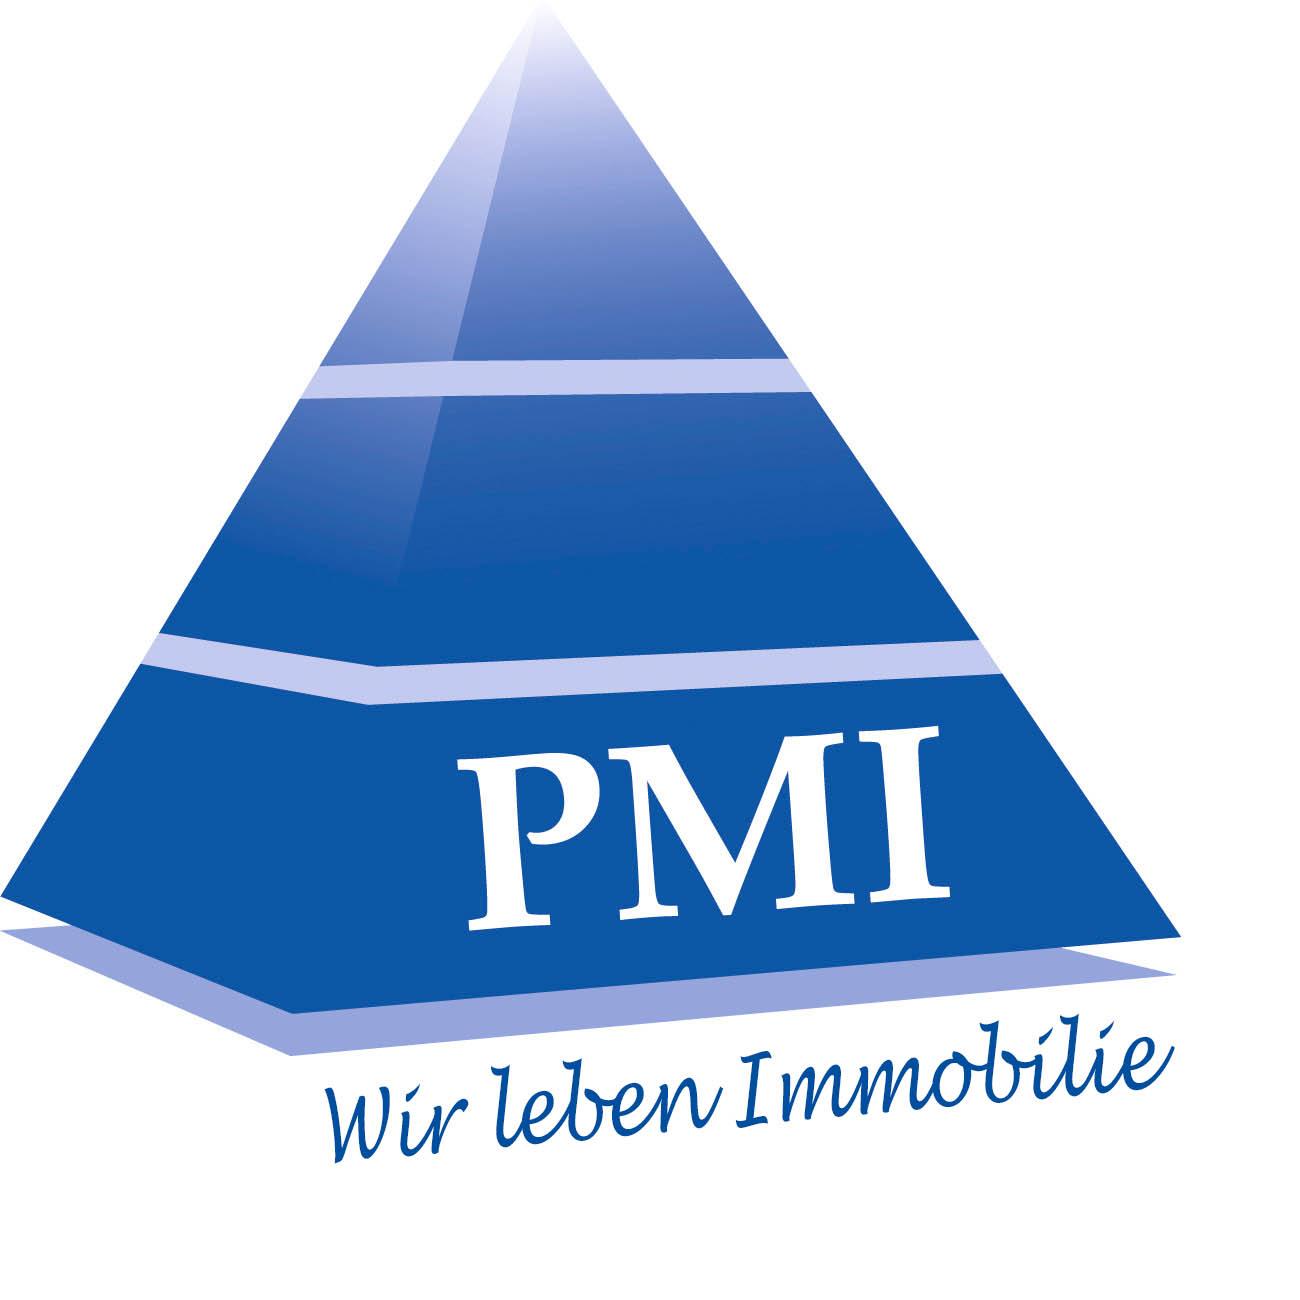 Hier sehen Sie das Logo von Alwin Stöckl Partner von ProMak Immobilien Vermittlungs GmbH